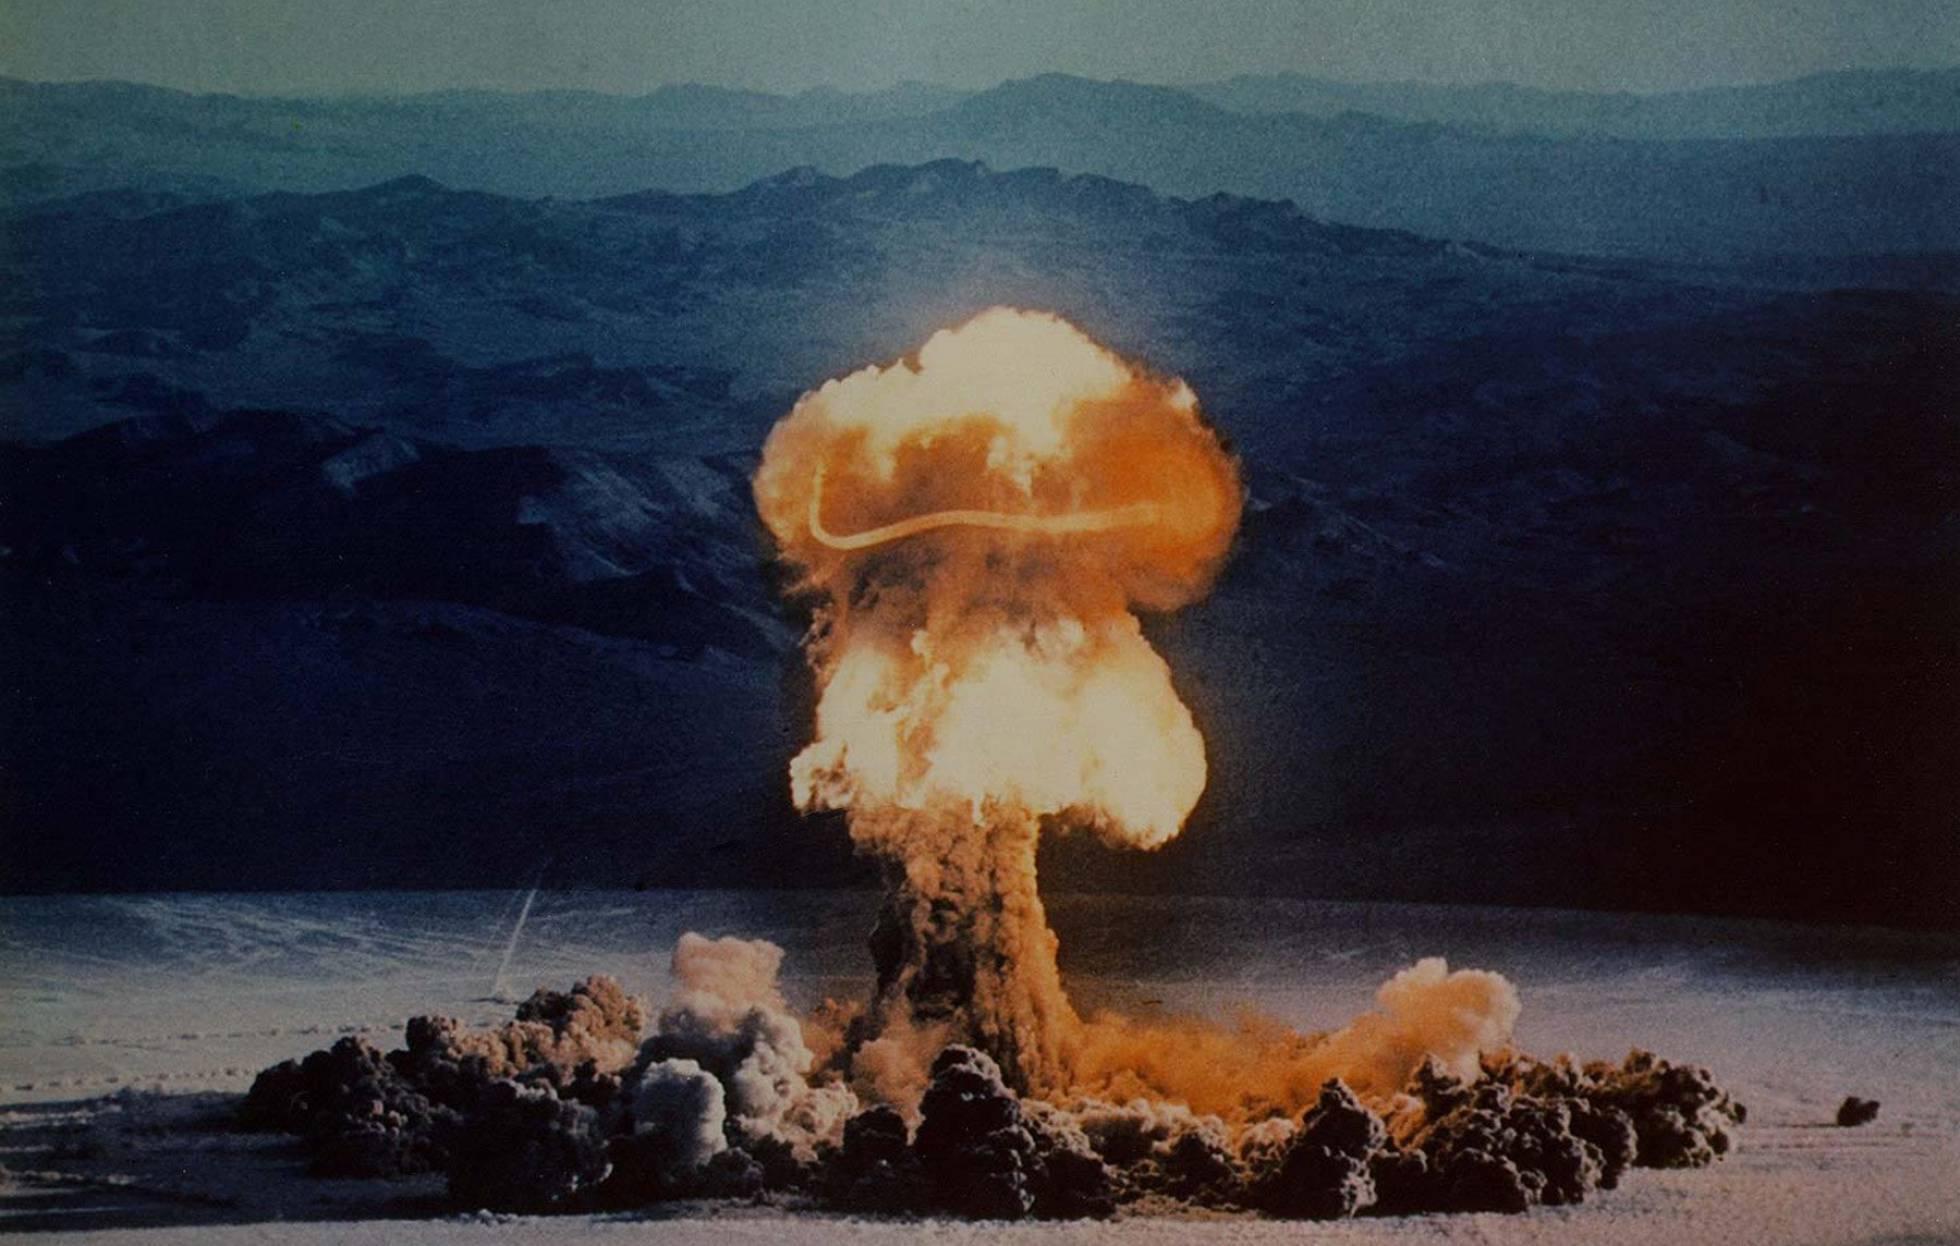 Misiles y armas  Nucleares EEUU-Noticias, comentarios, videos,fotos. - Página 2 1518972036_426369_1518978850_noticia_normal_recorte1